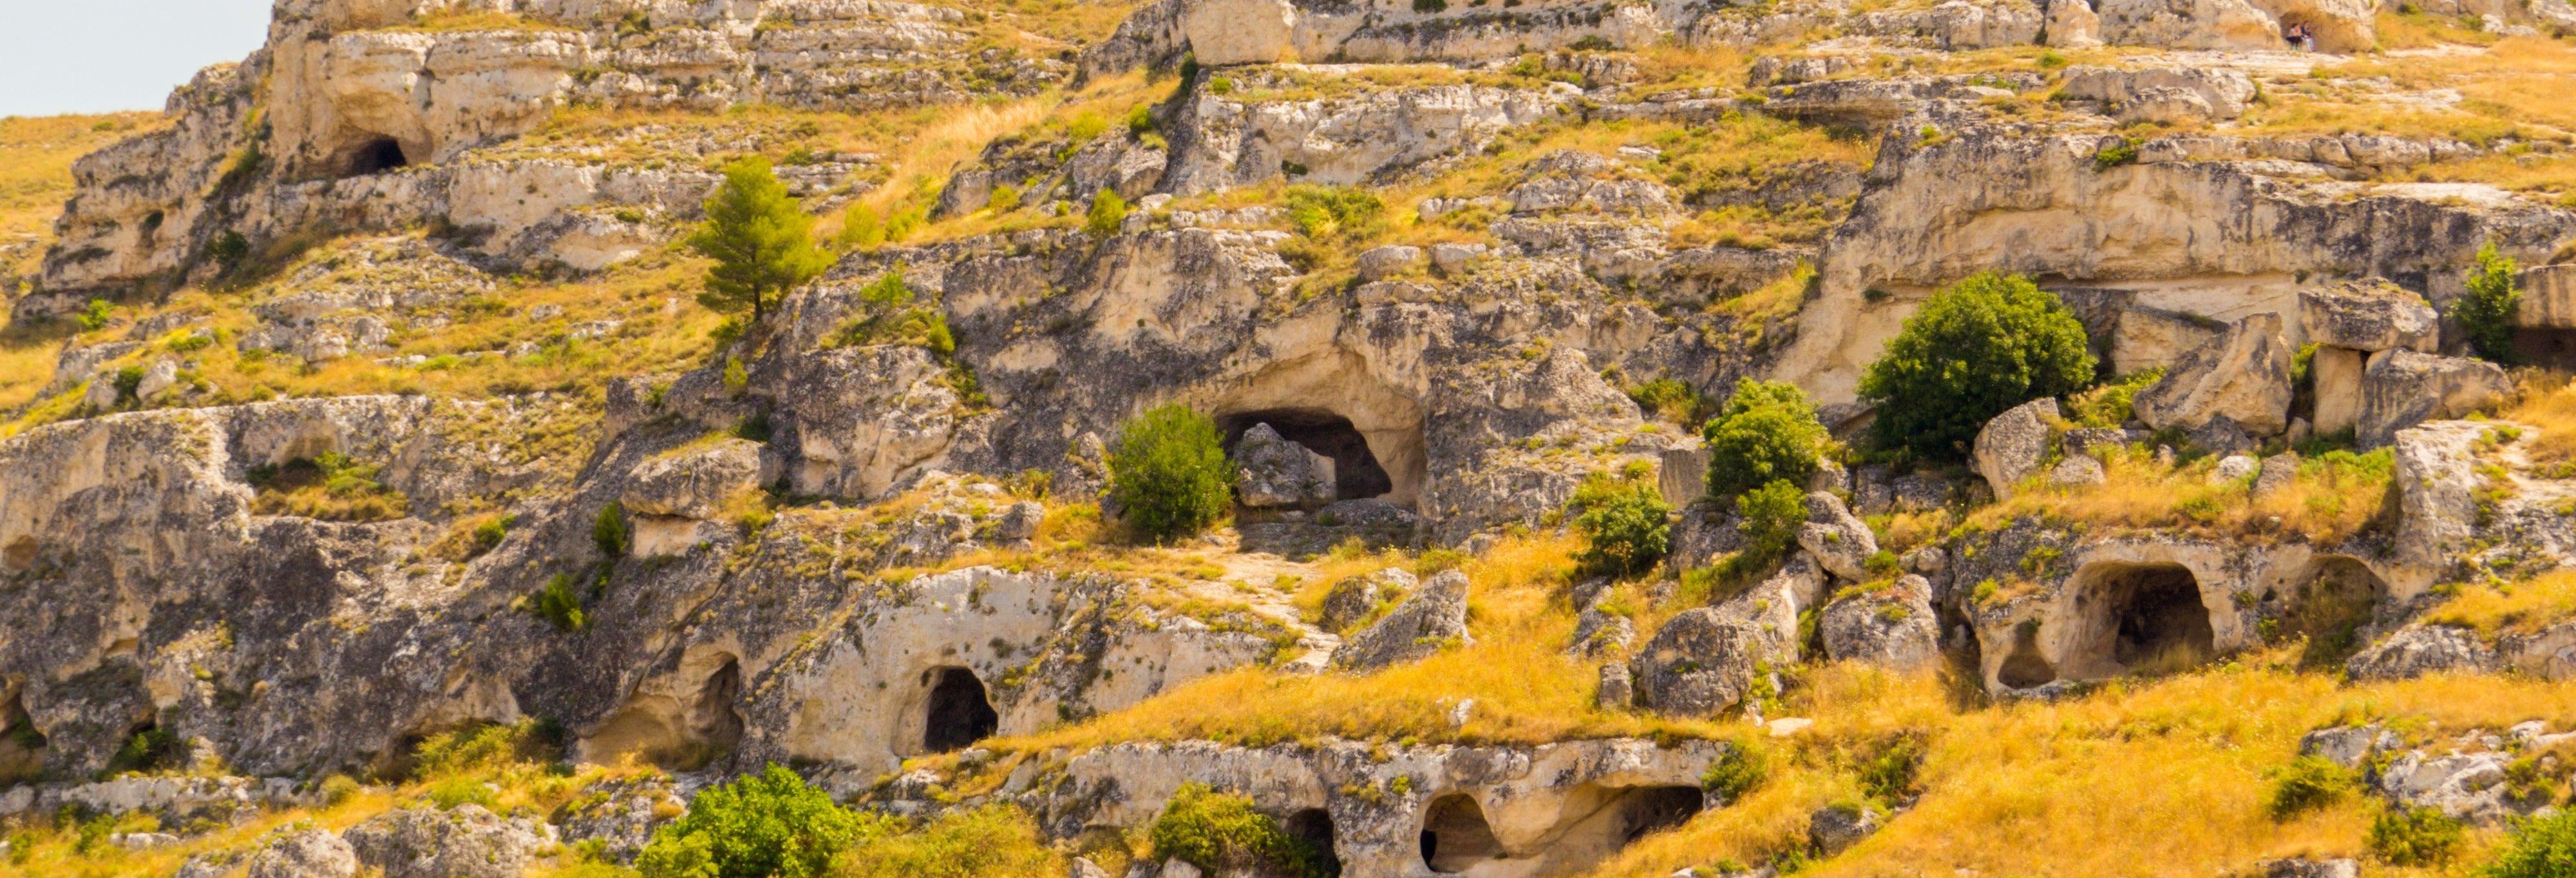 Excursão ao parque das igrejas rupestres